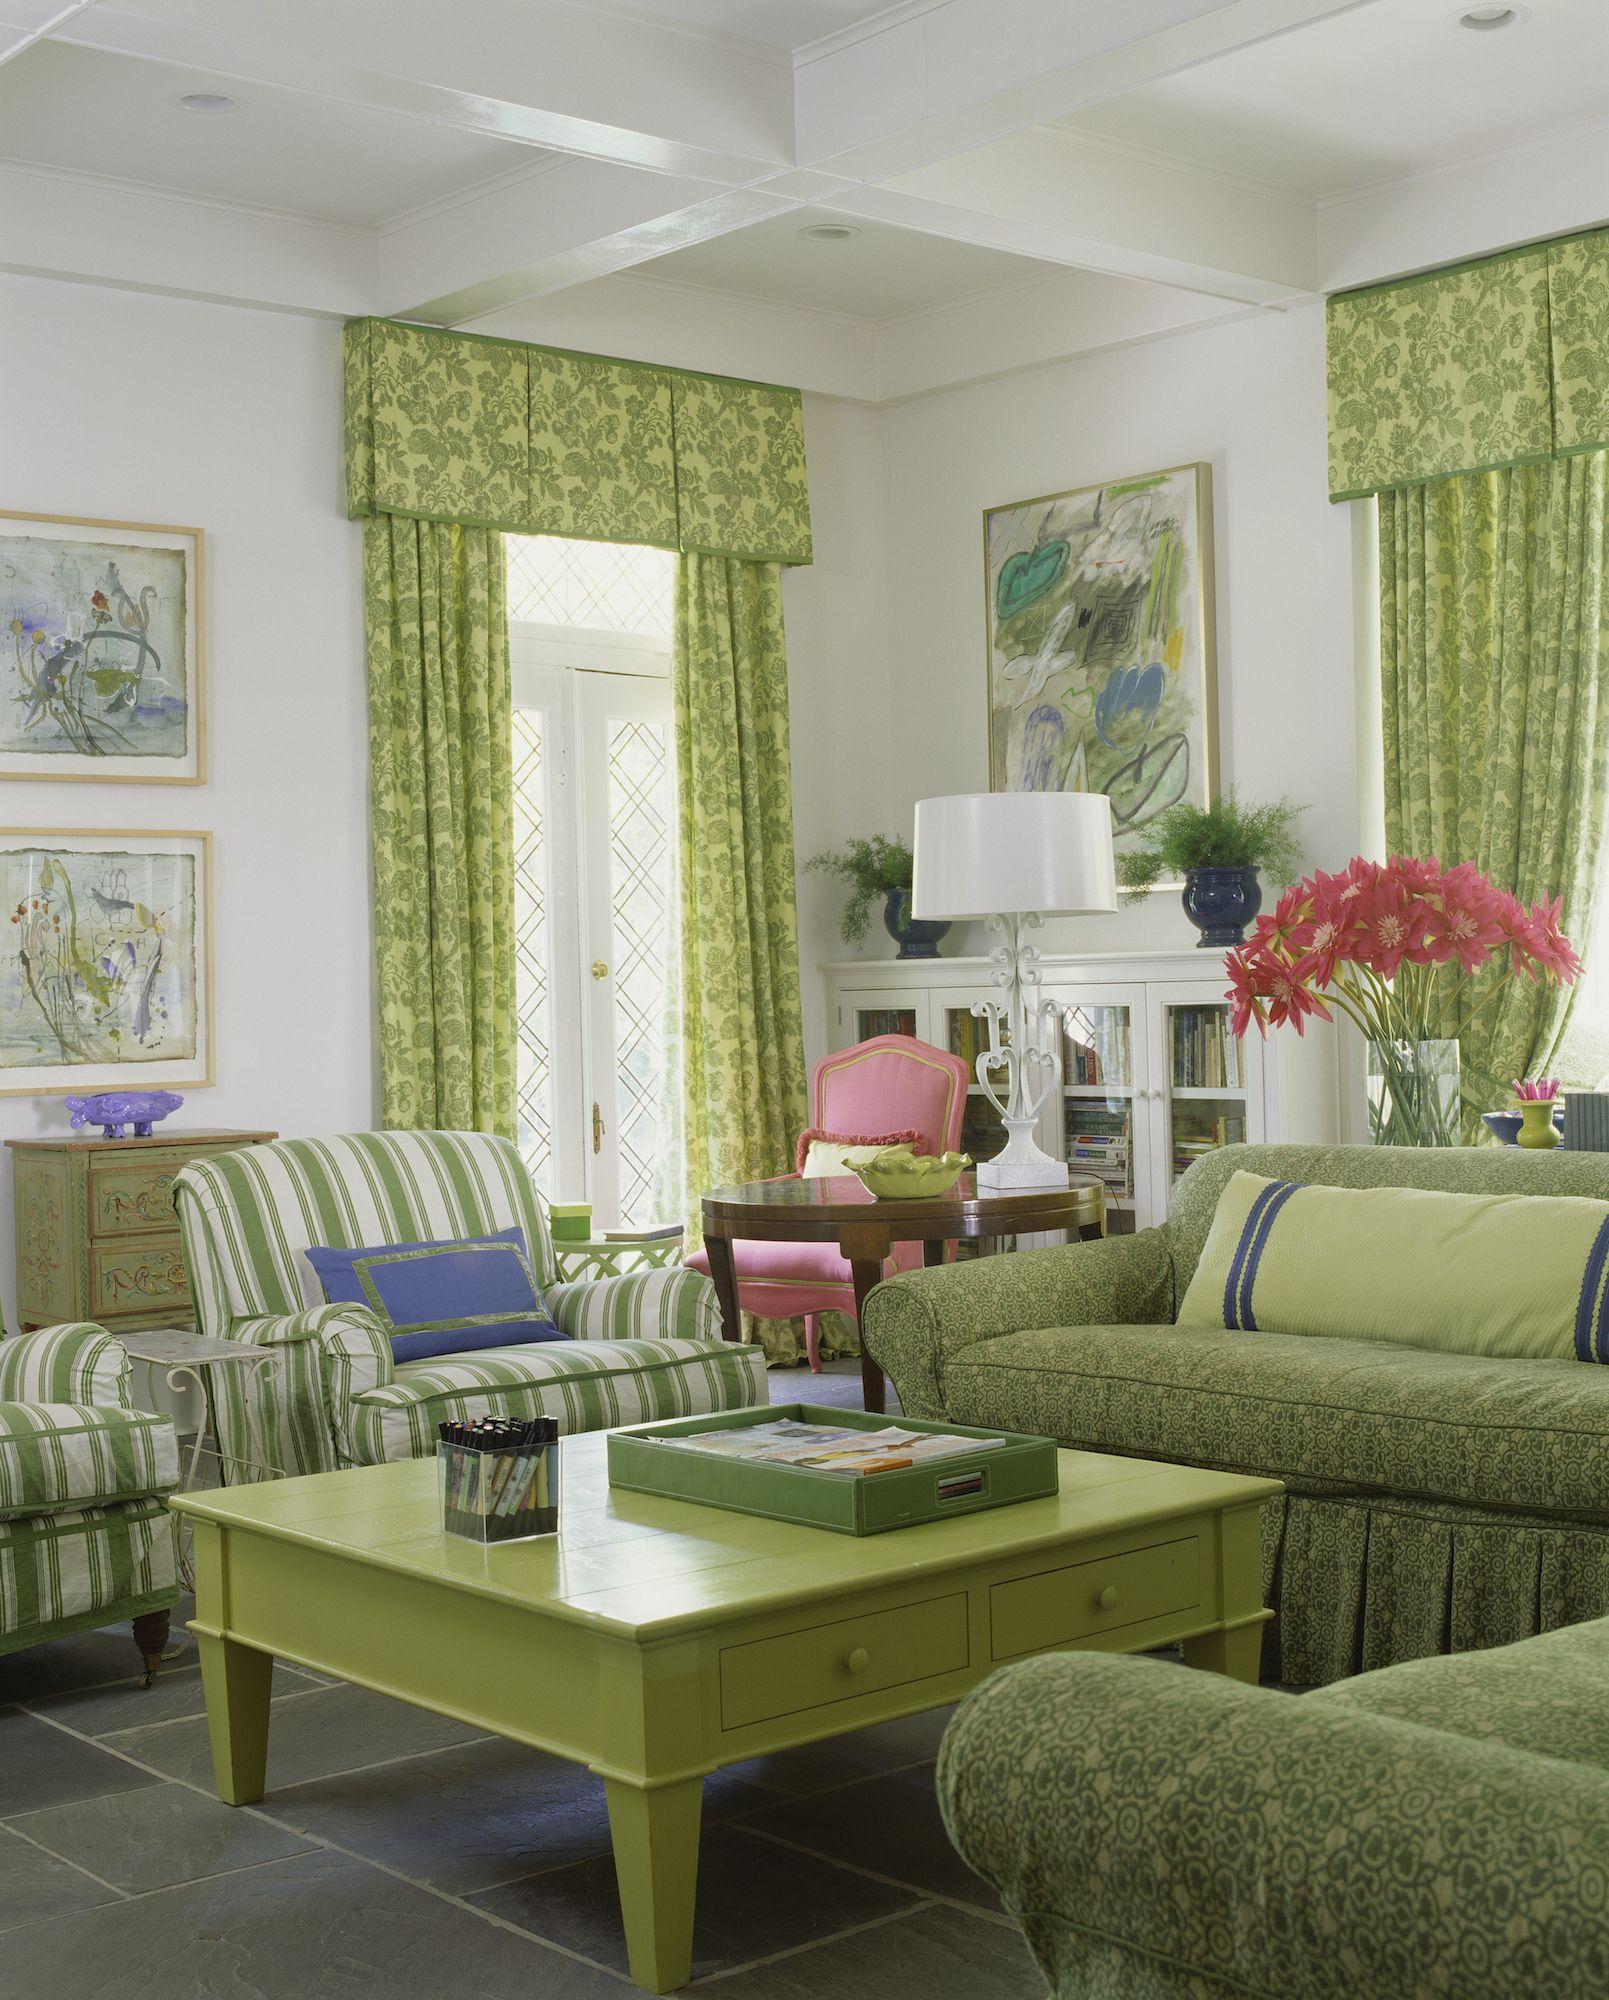 49+ Living room home decor trends 2020 ideas